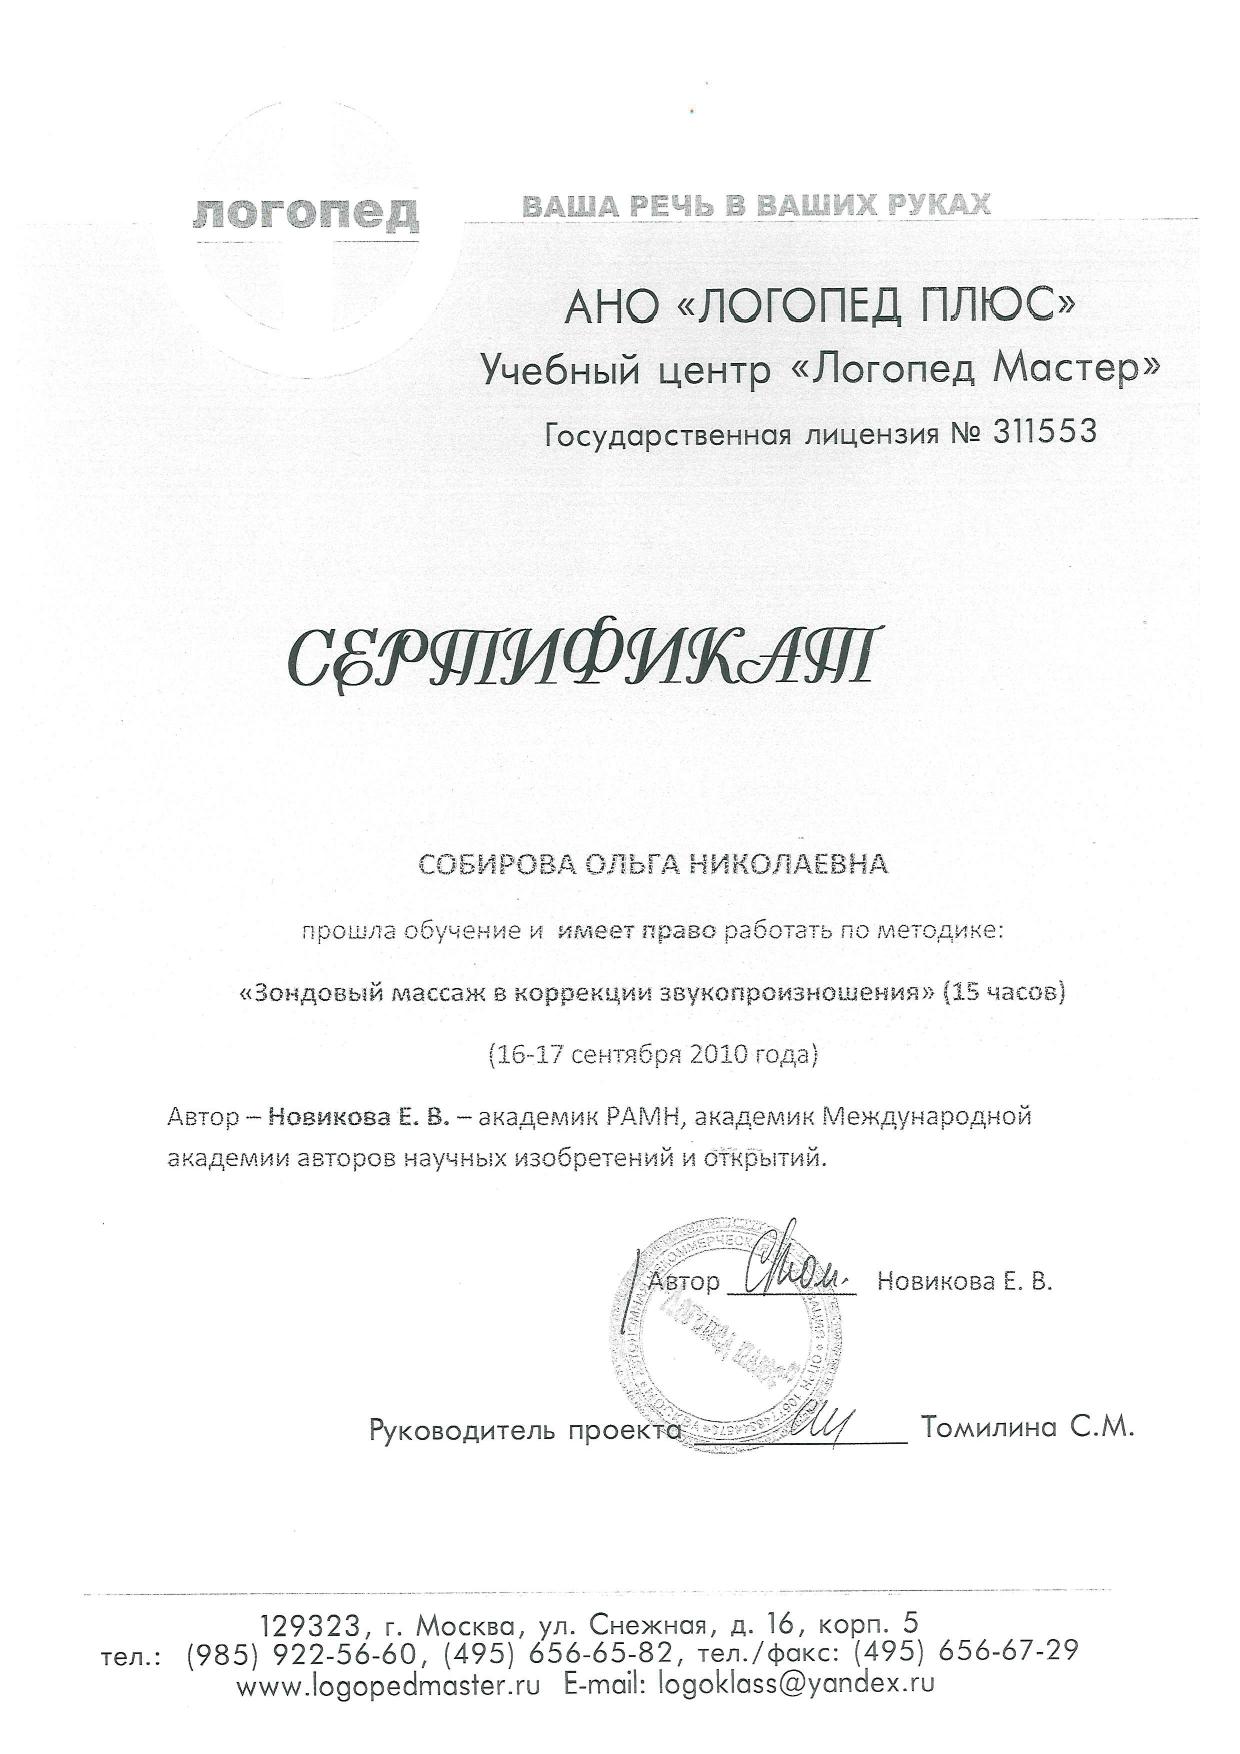 2010 Сертификат Зондовый массаж